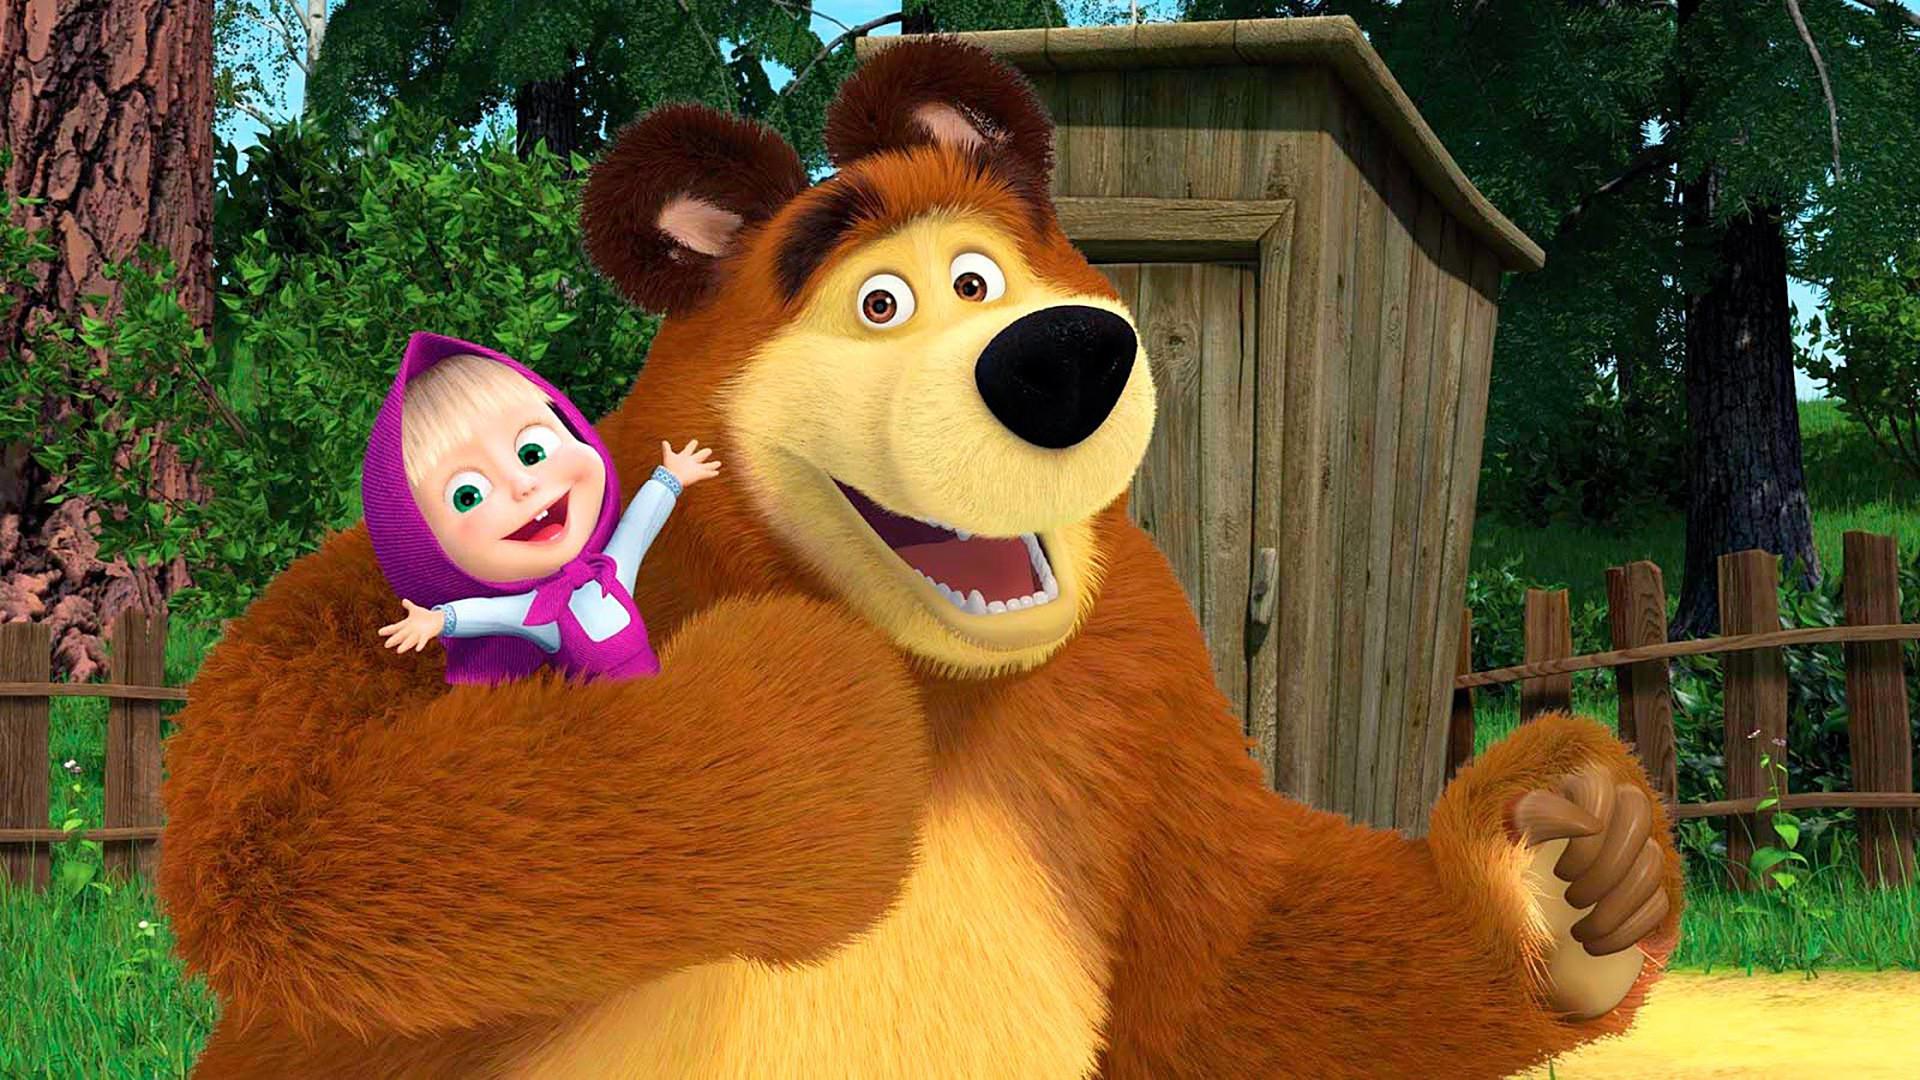 задача картинка маша и медведь хорошего разрешения обычное тесто для